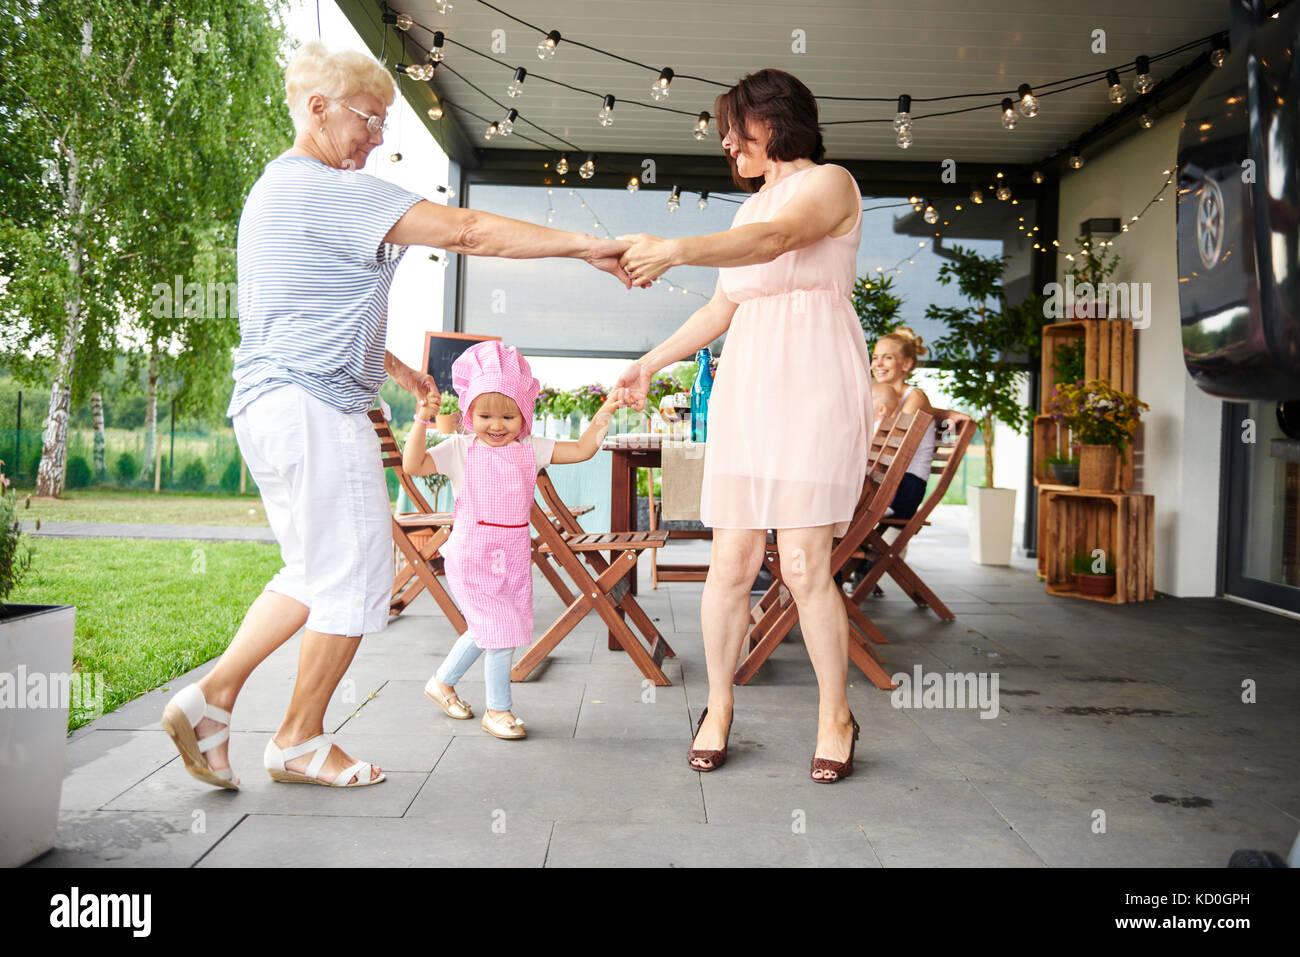 Senior und reife Frauen tanzen mit weiblichen Kleinkind bei Familie Mittagessen auf der Terrasse Stockbild